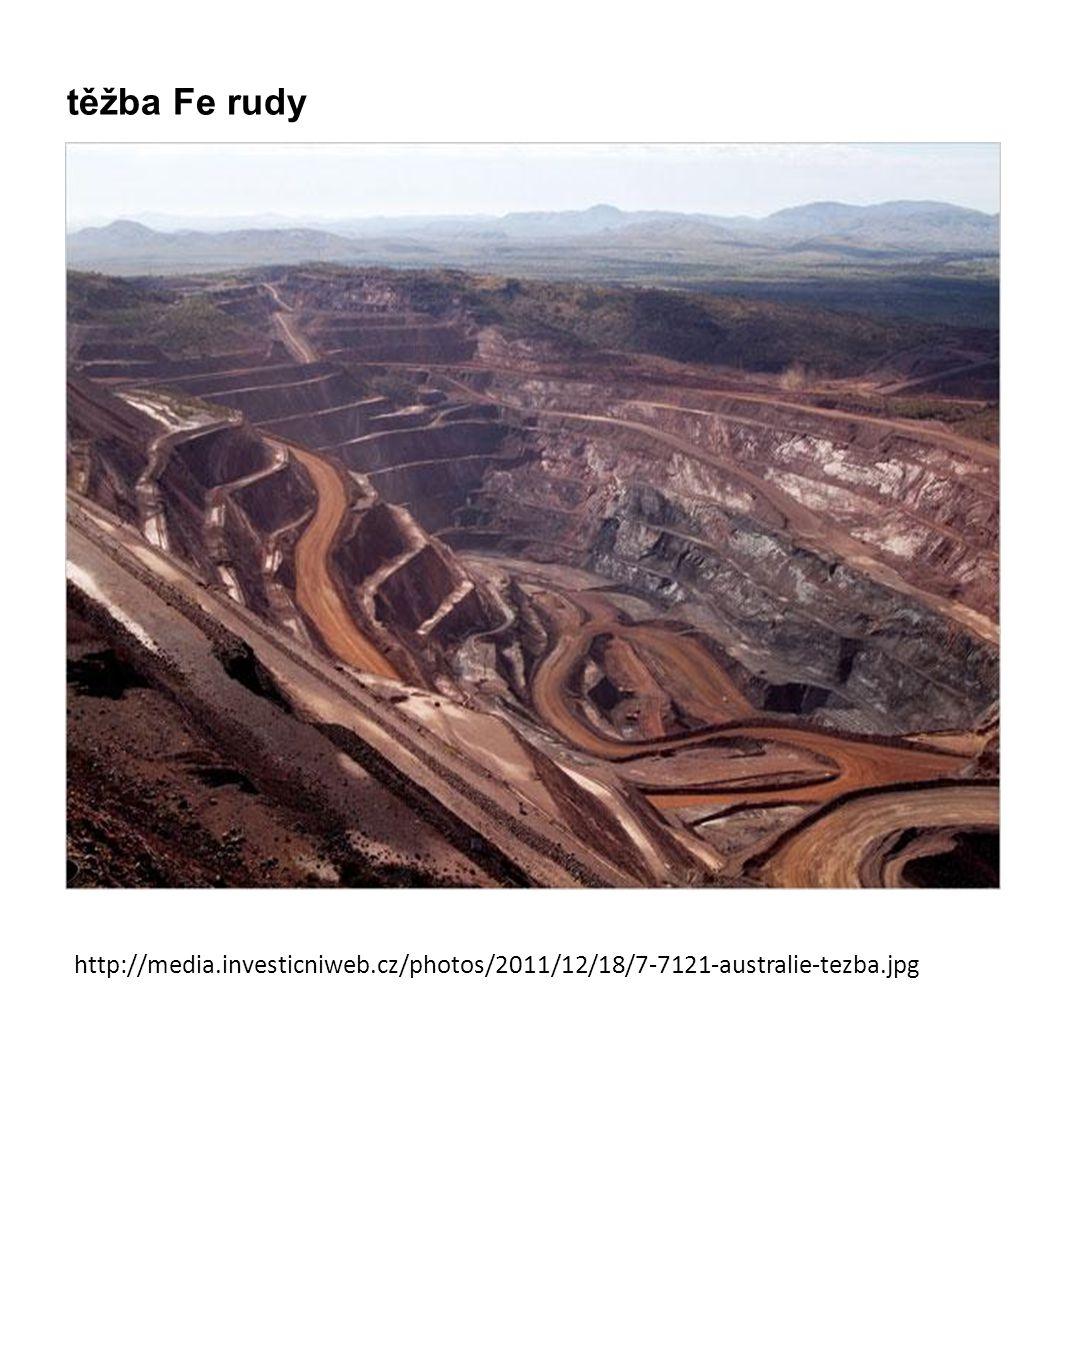 http://media.investicniweb.cz/photos/2011/12/18/7-7121-australie-tezba.jpg těžba Fe rudy